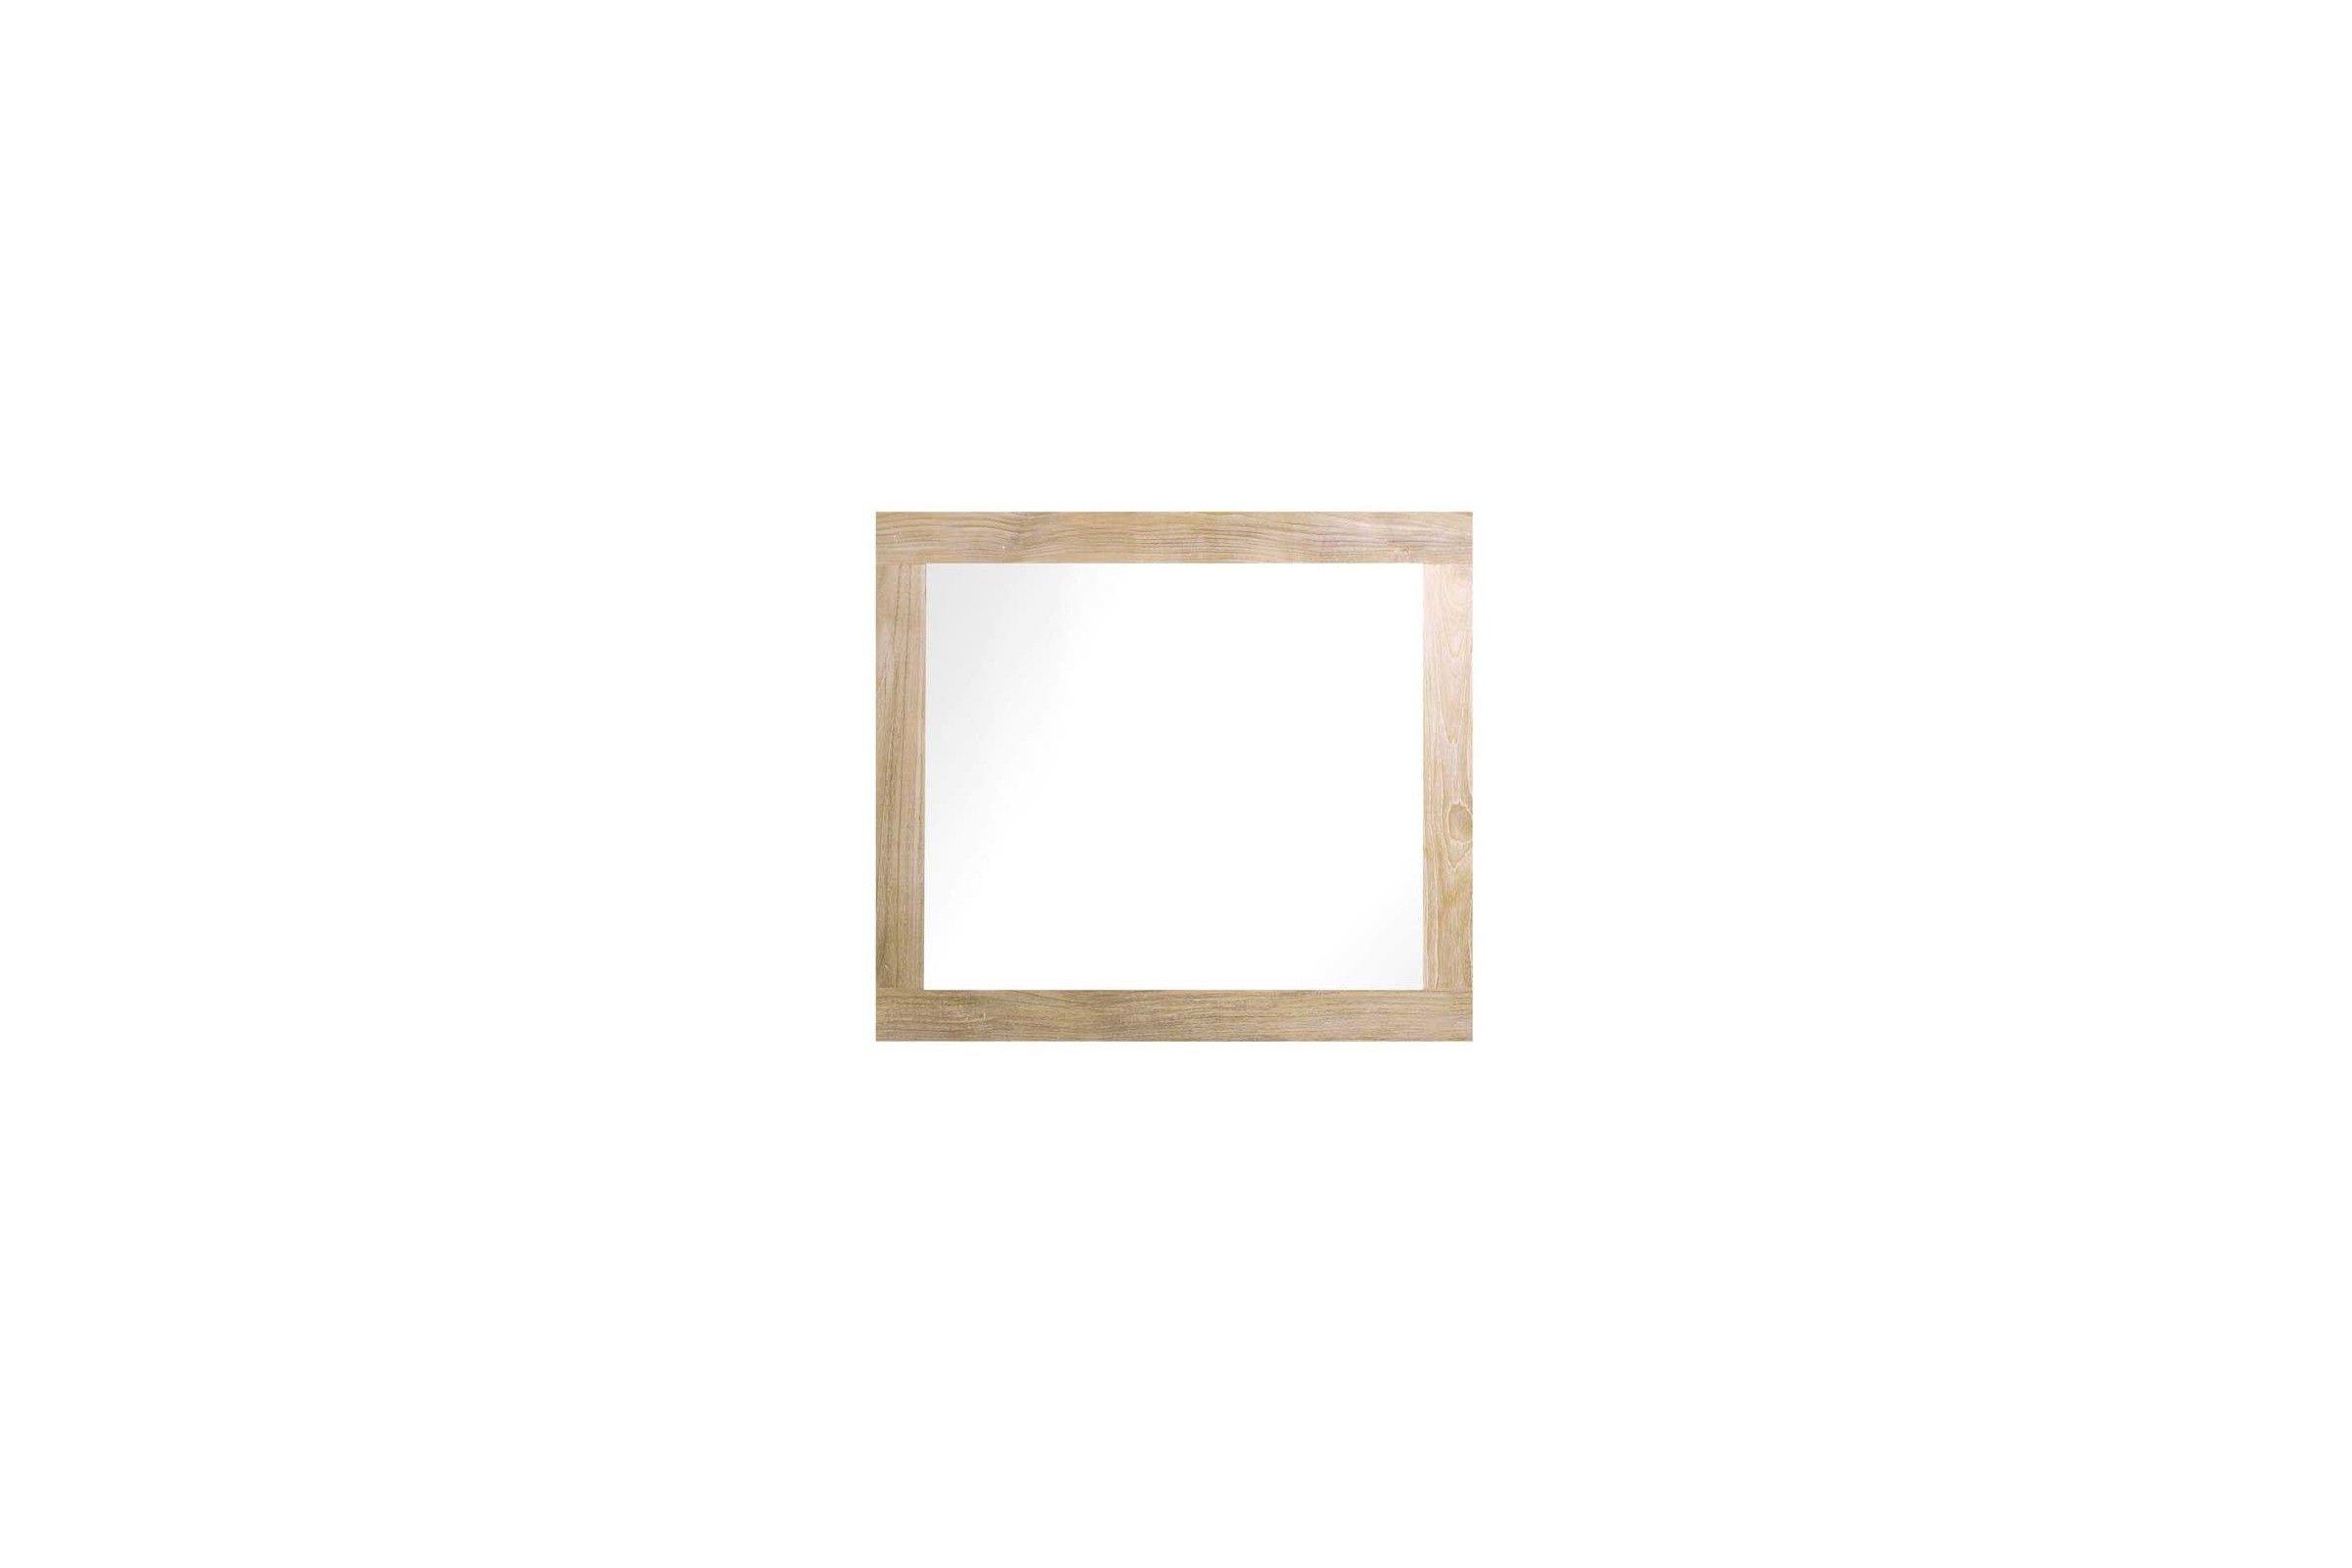 miroir ch ne massif bords larges de 40 200 cm line art la galerie du teck. Black Bedroom Furniture Sets. Home Design Ideas